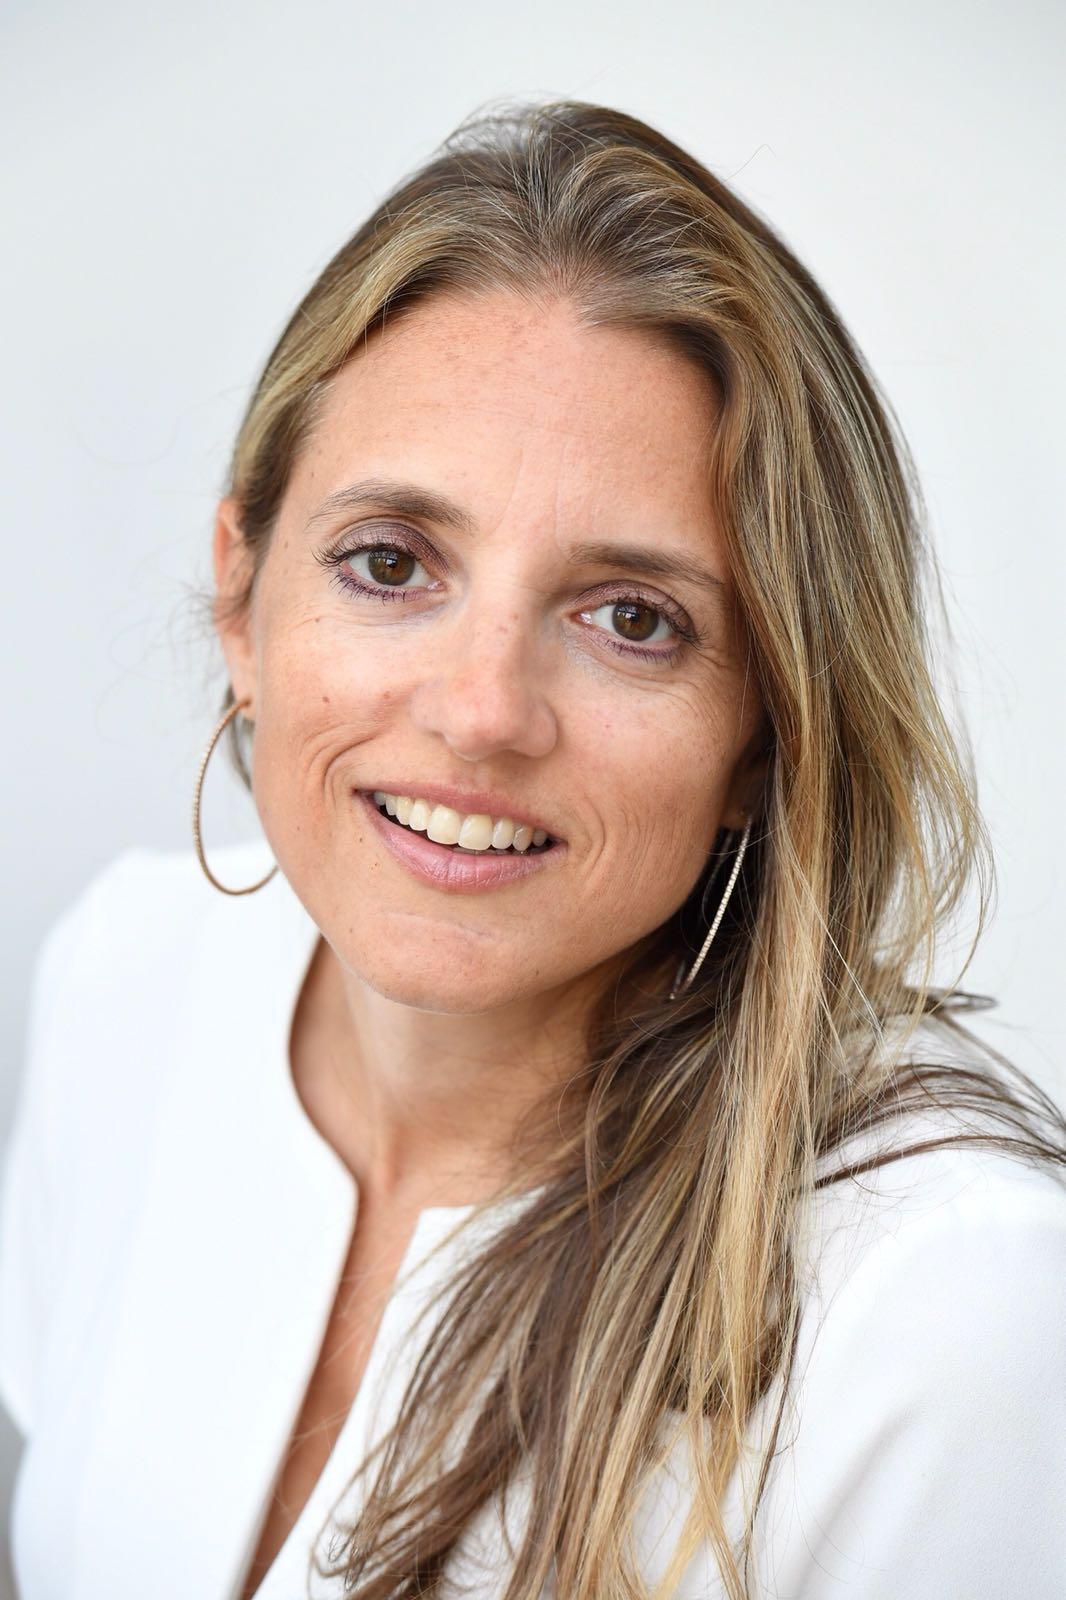 Rachel Vecht